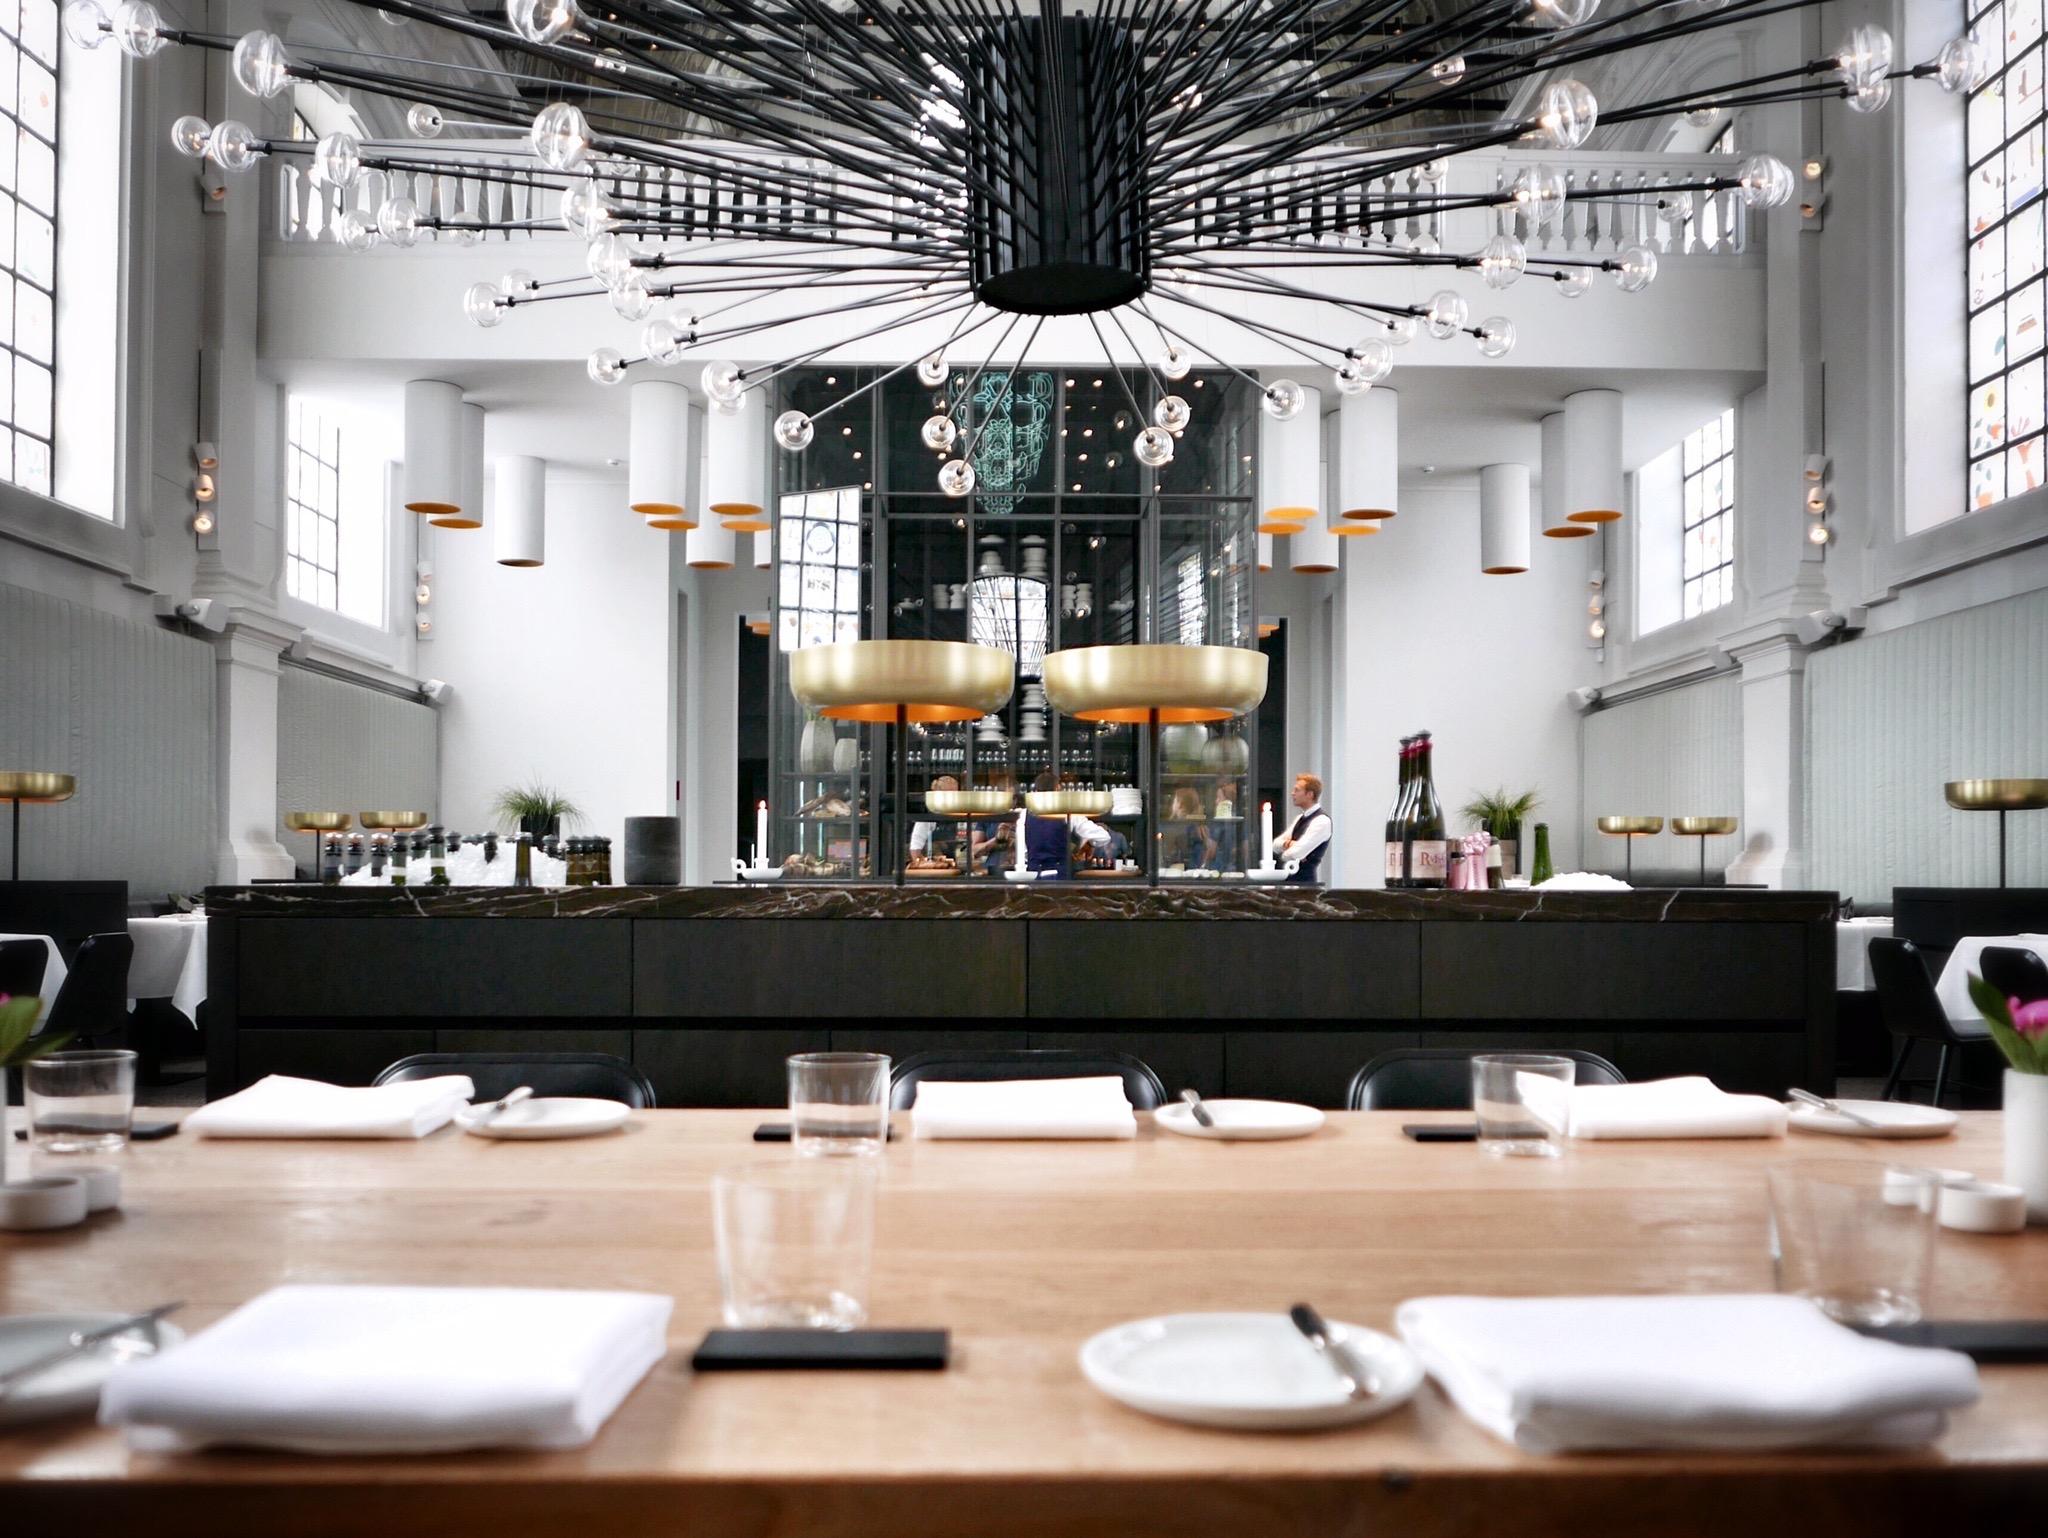 Los 5 mejores dise os del mundo en restaurantes - Barras de bar iluminadas ...